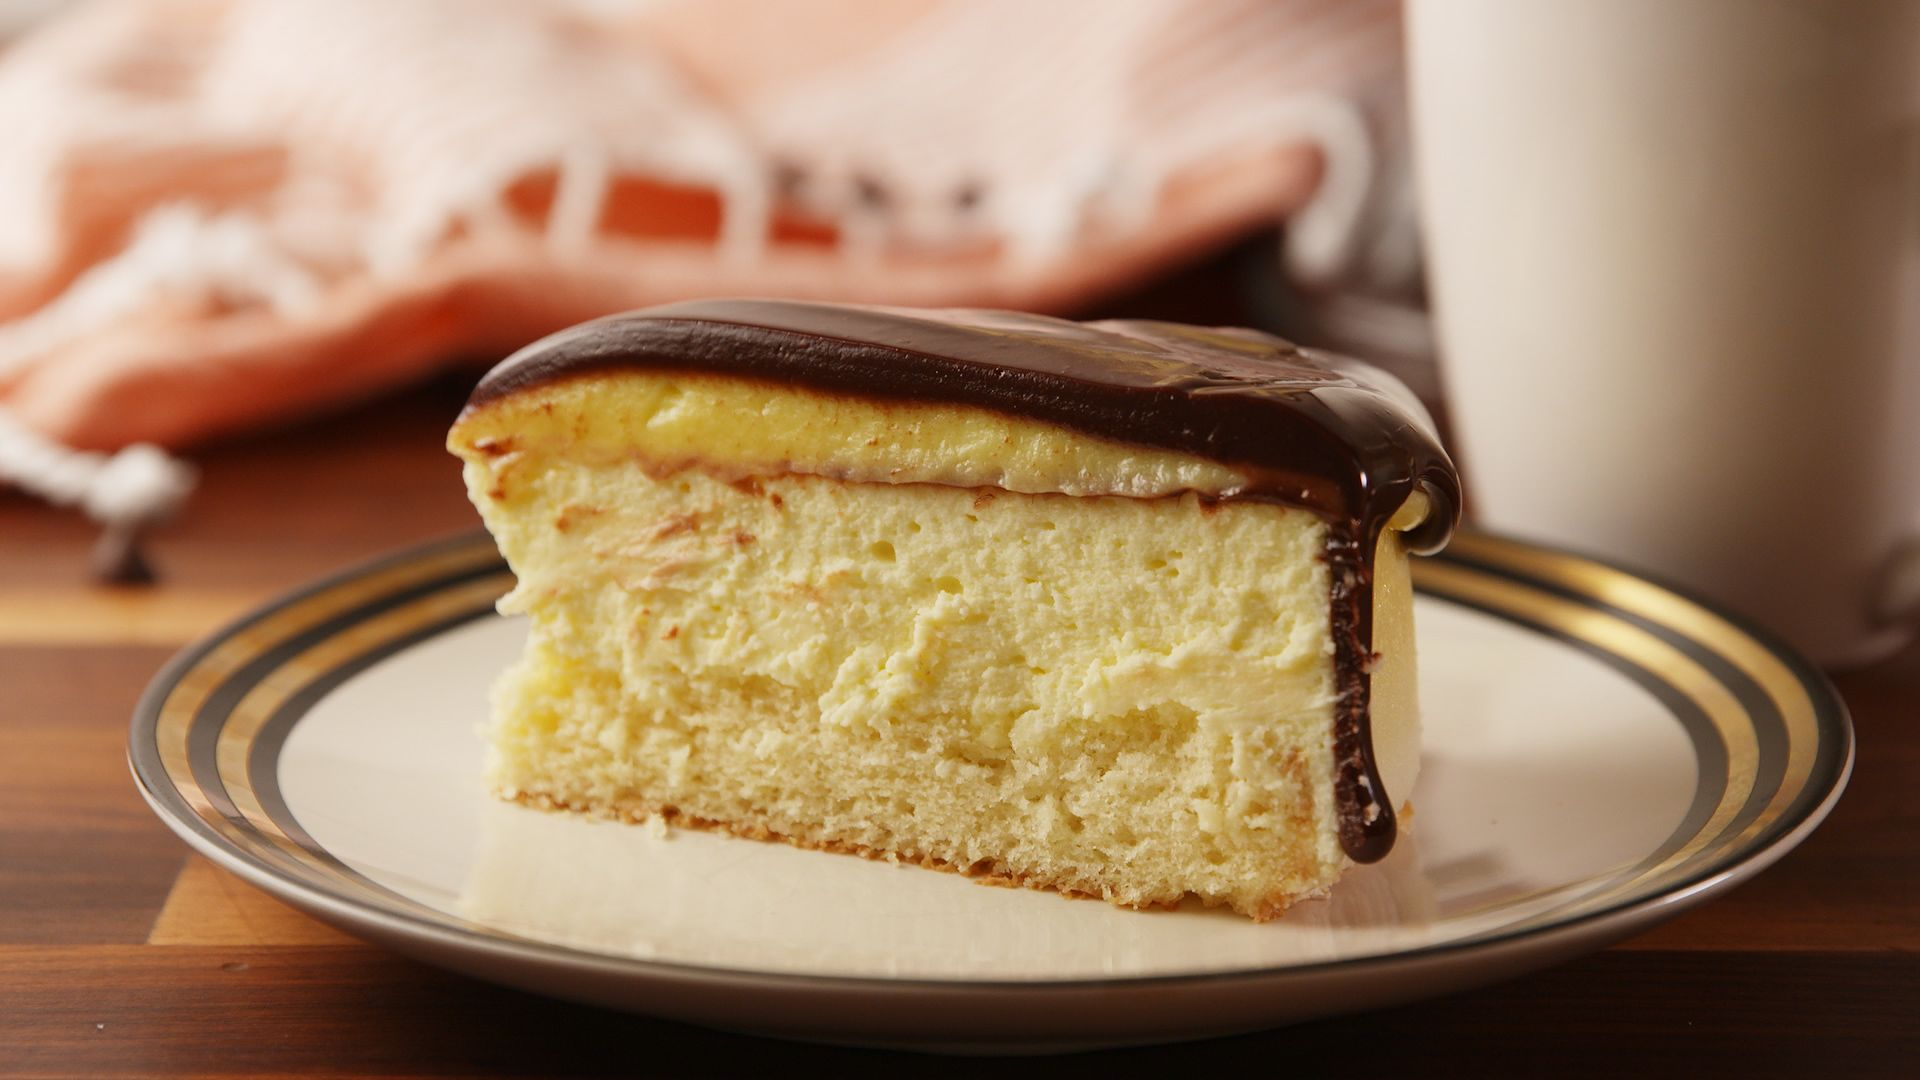 Best Boston Cream Cheesecake Recipe How to Make Boston Cream